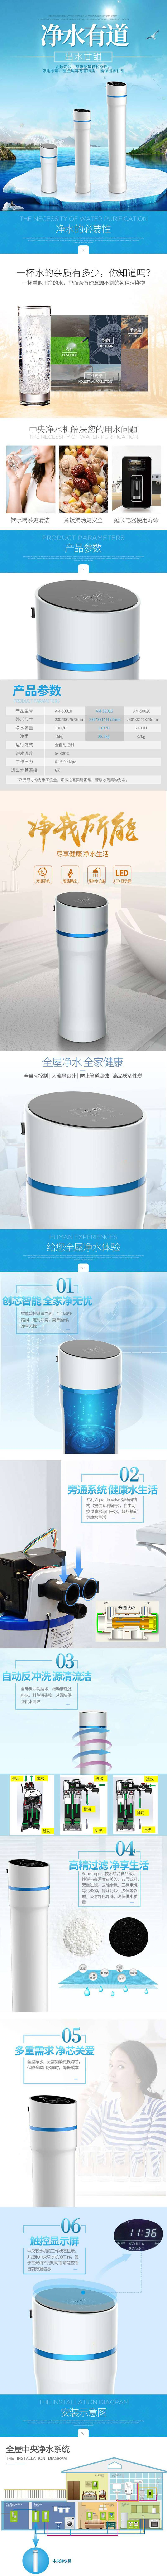 水鹿卫浴-厨房-净水器-国际品牌同厂中央净水器